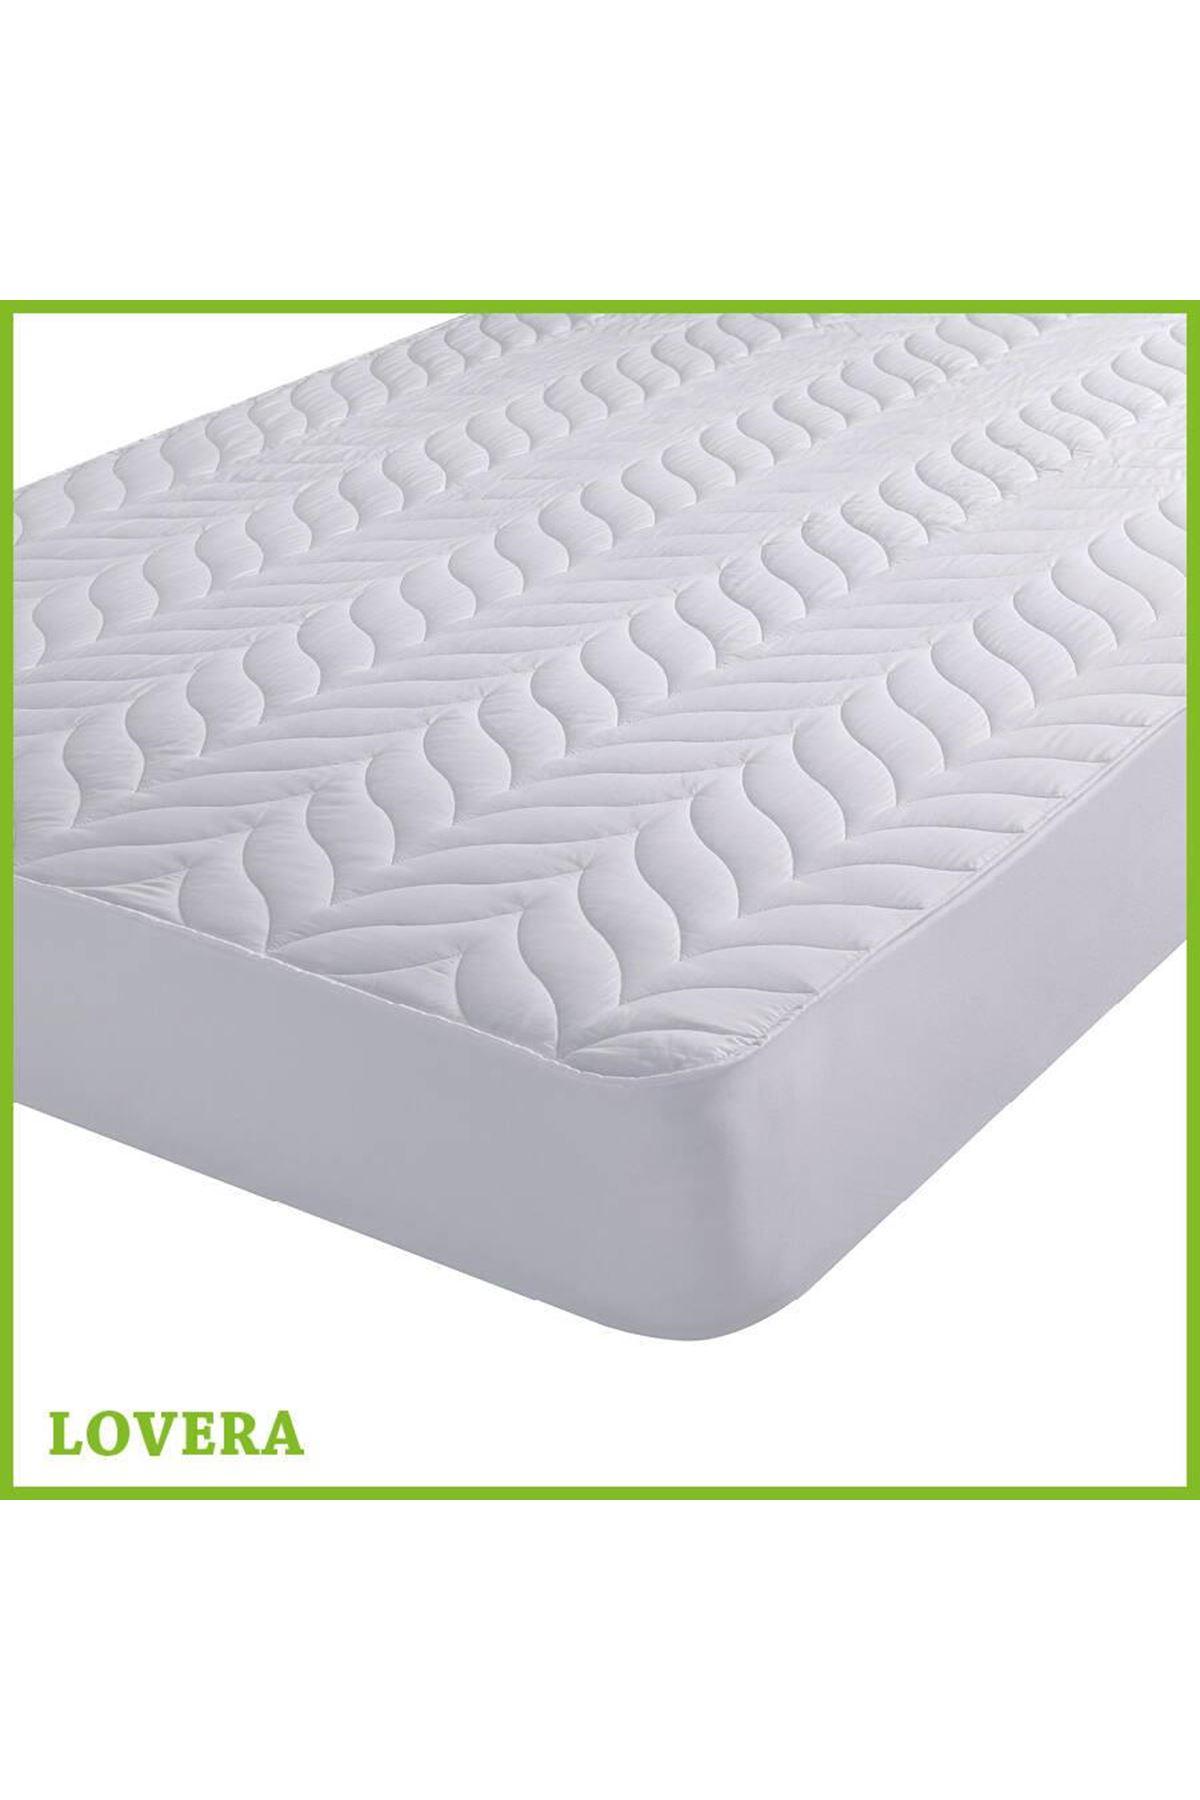 Othello Protecta Lovera Comfort Ped Aloe Veralı Uyku Pedi 100x200+30